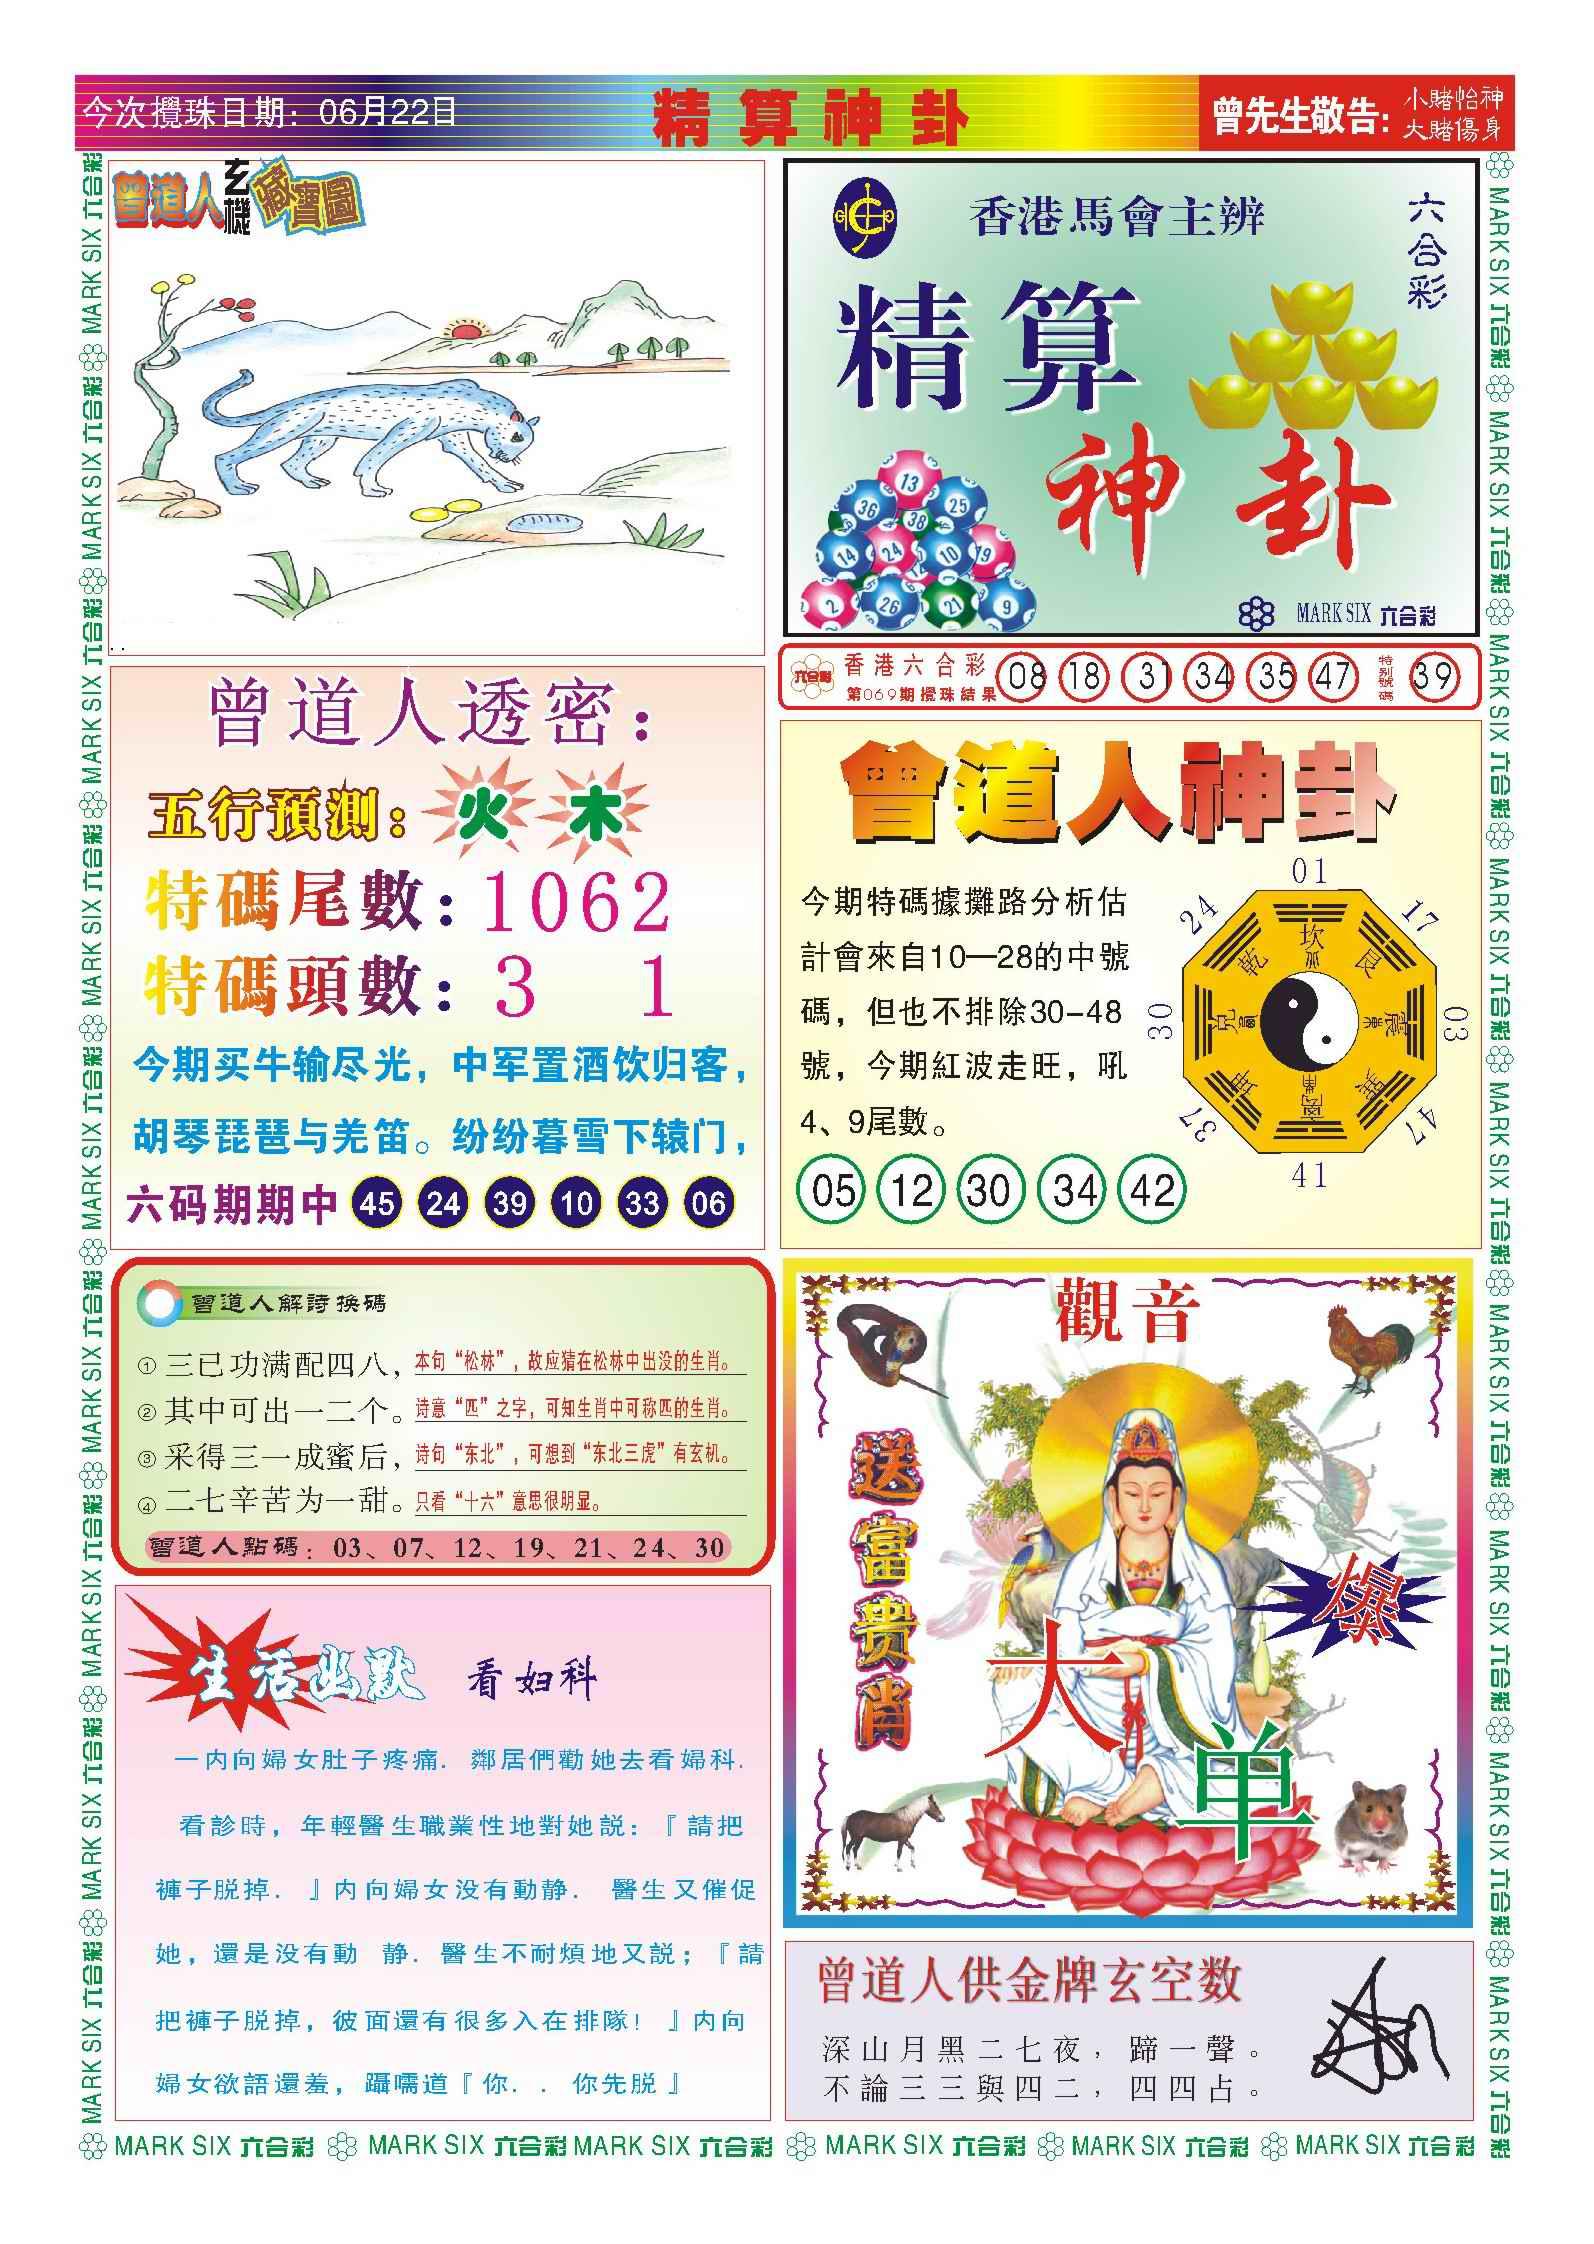 070期118精算神卦(新图)